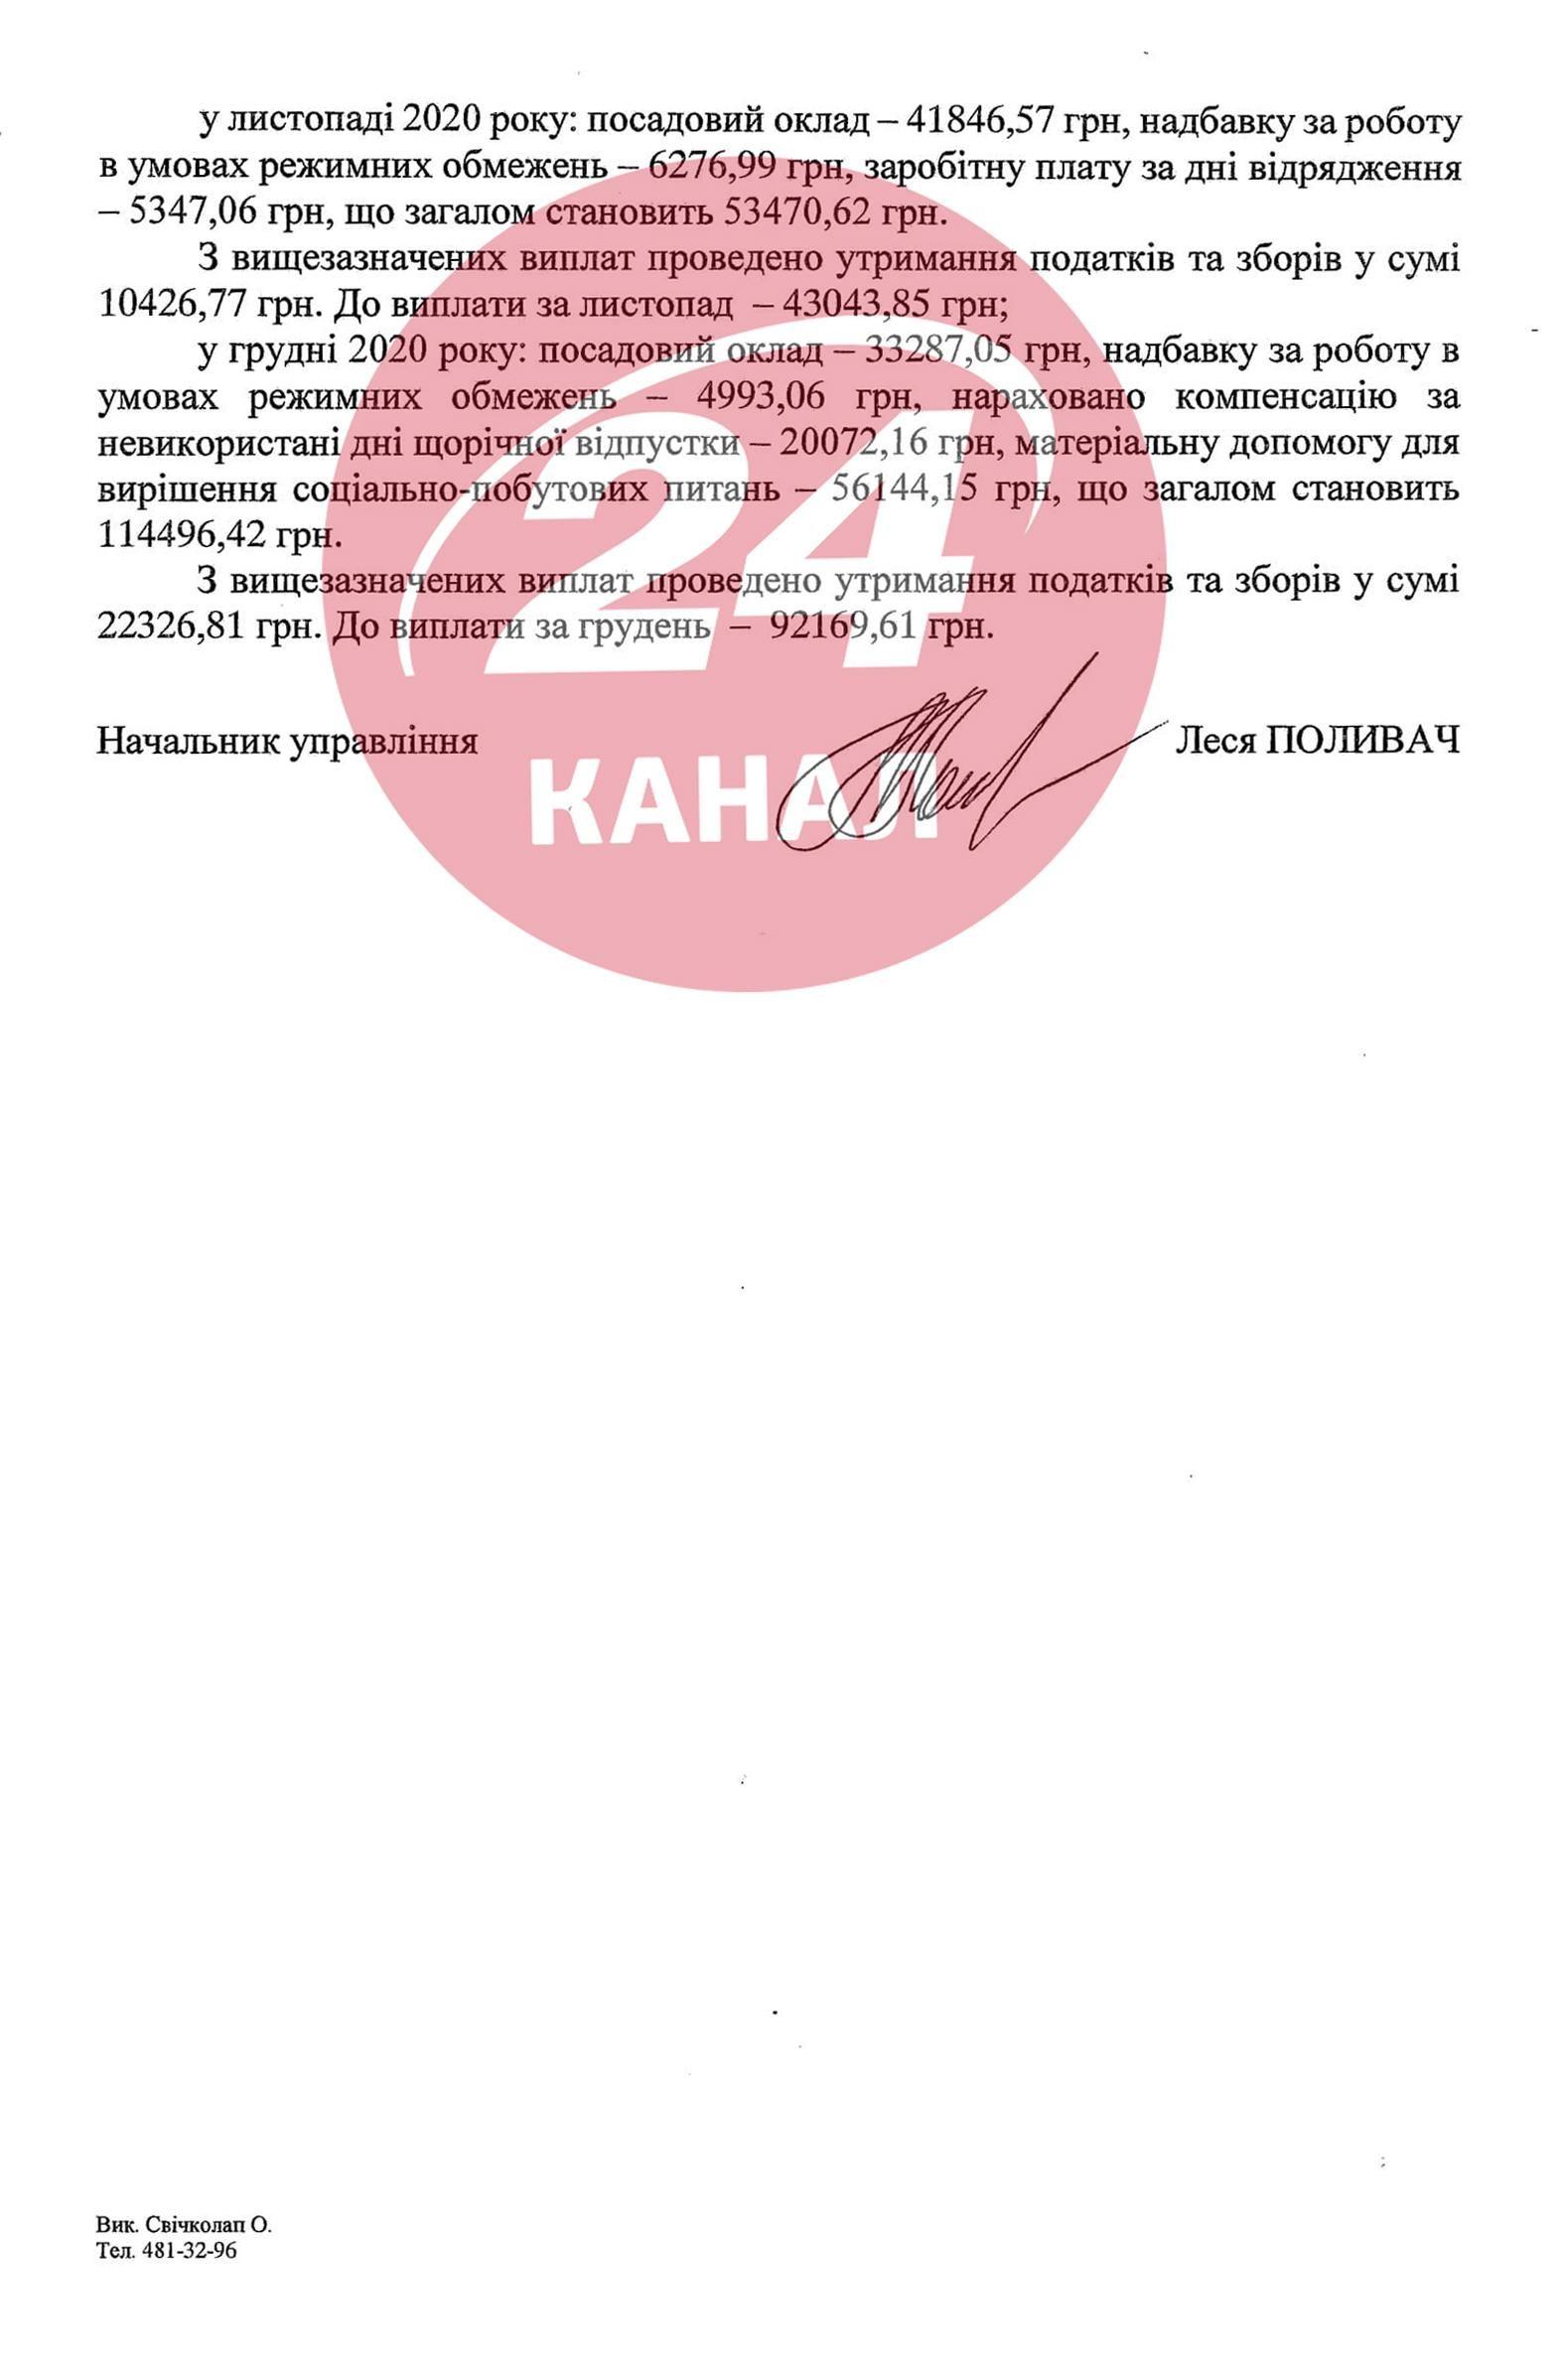 зарплата Сергія Шкарлета у 2020